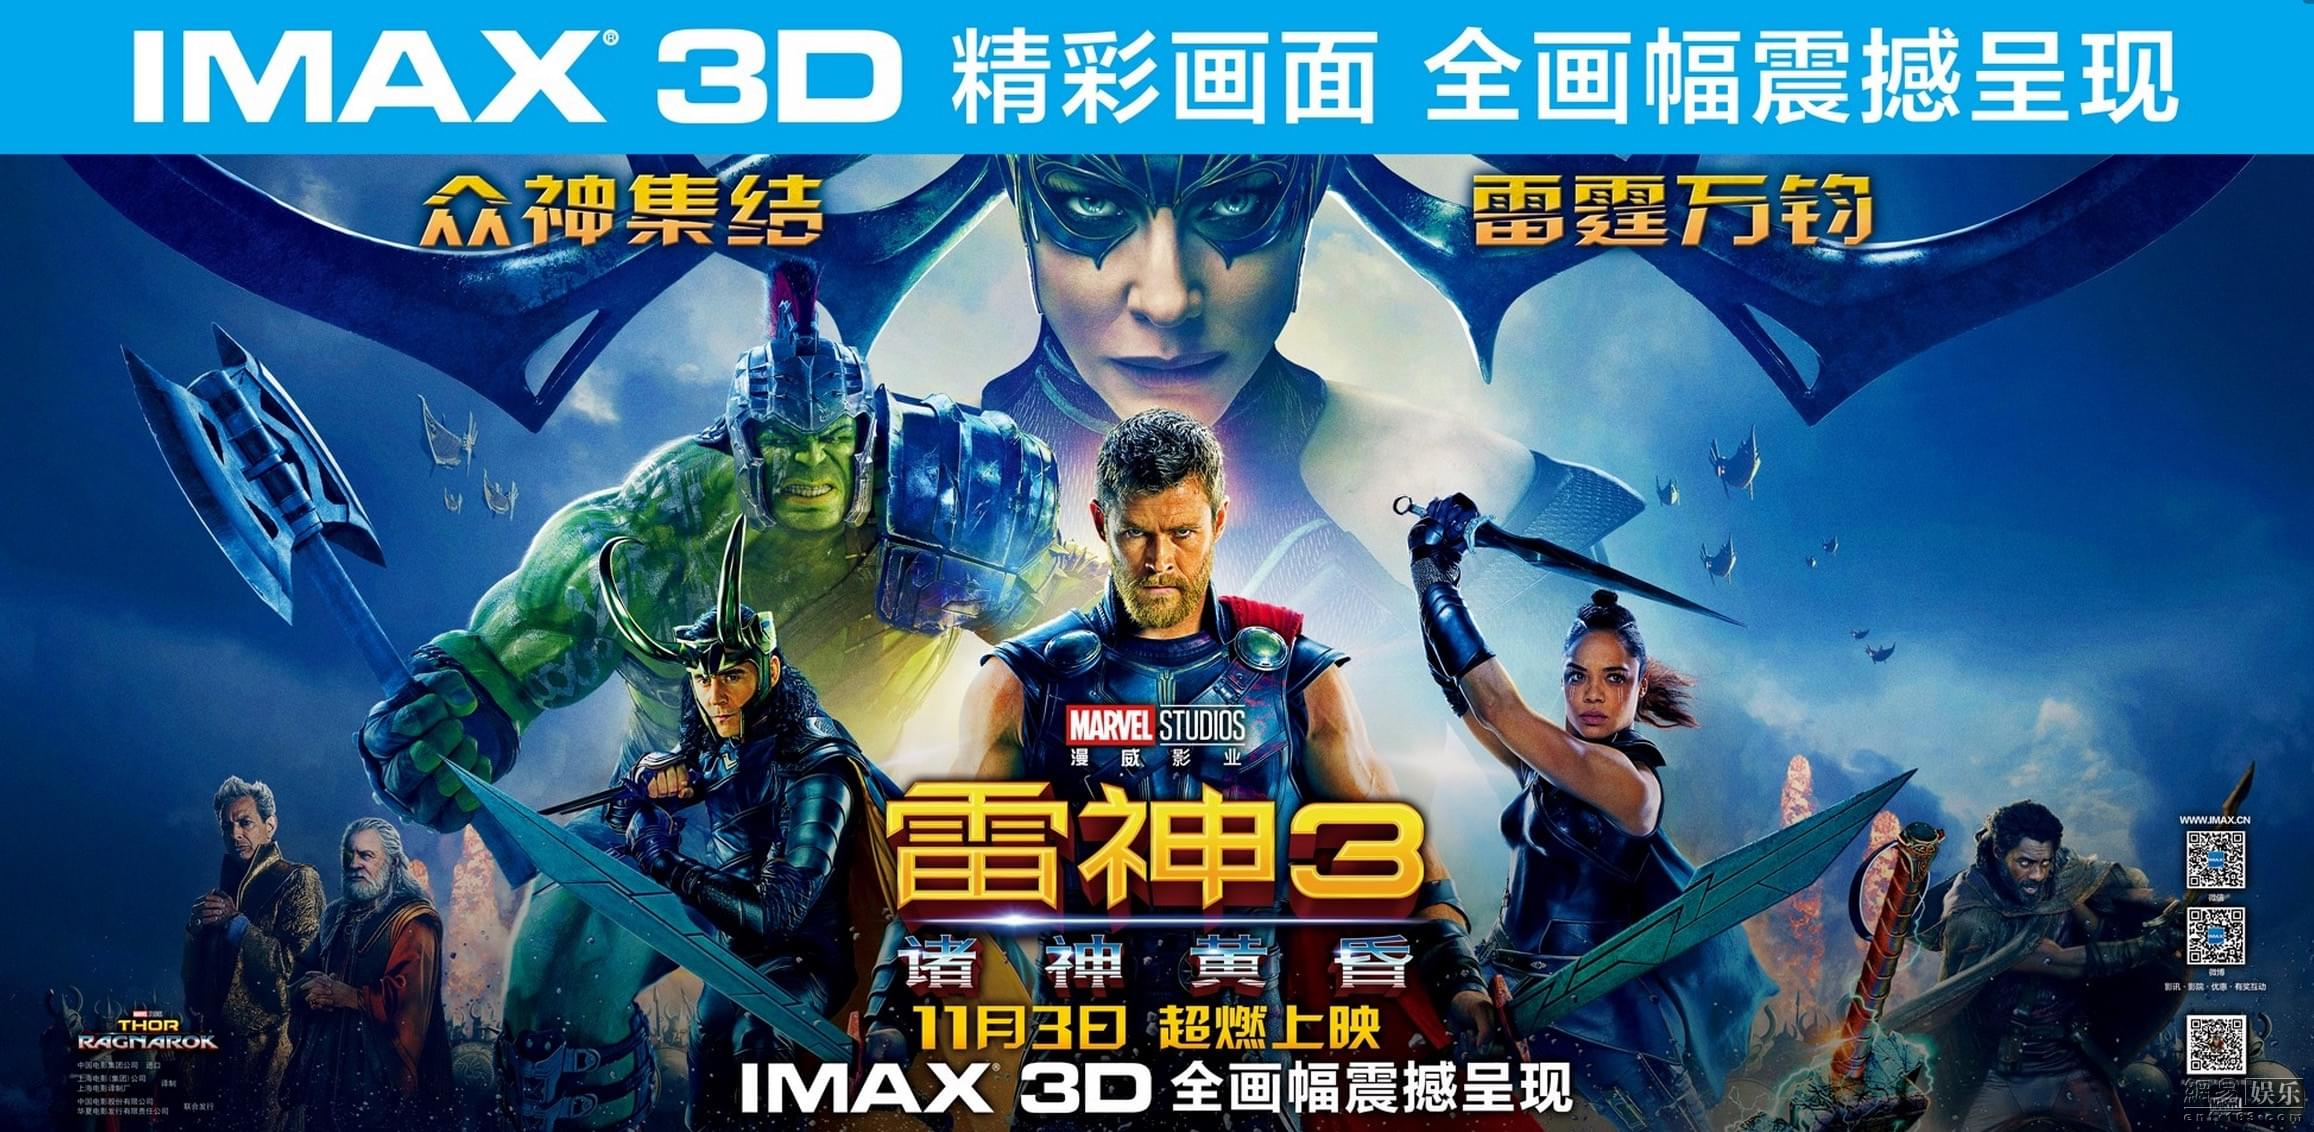 《雷神3》创IMAX中国11月首日及零点场票房最佳